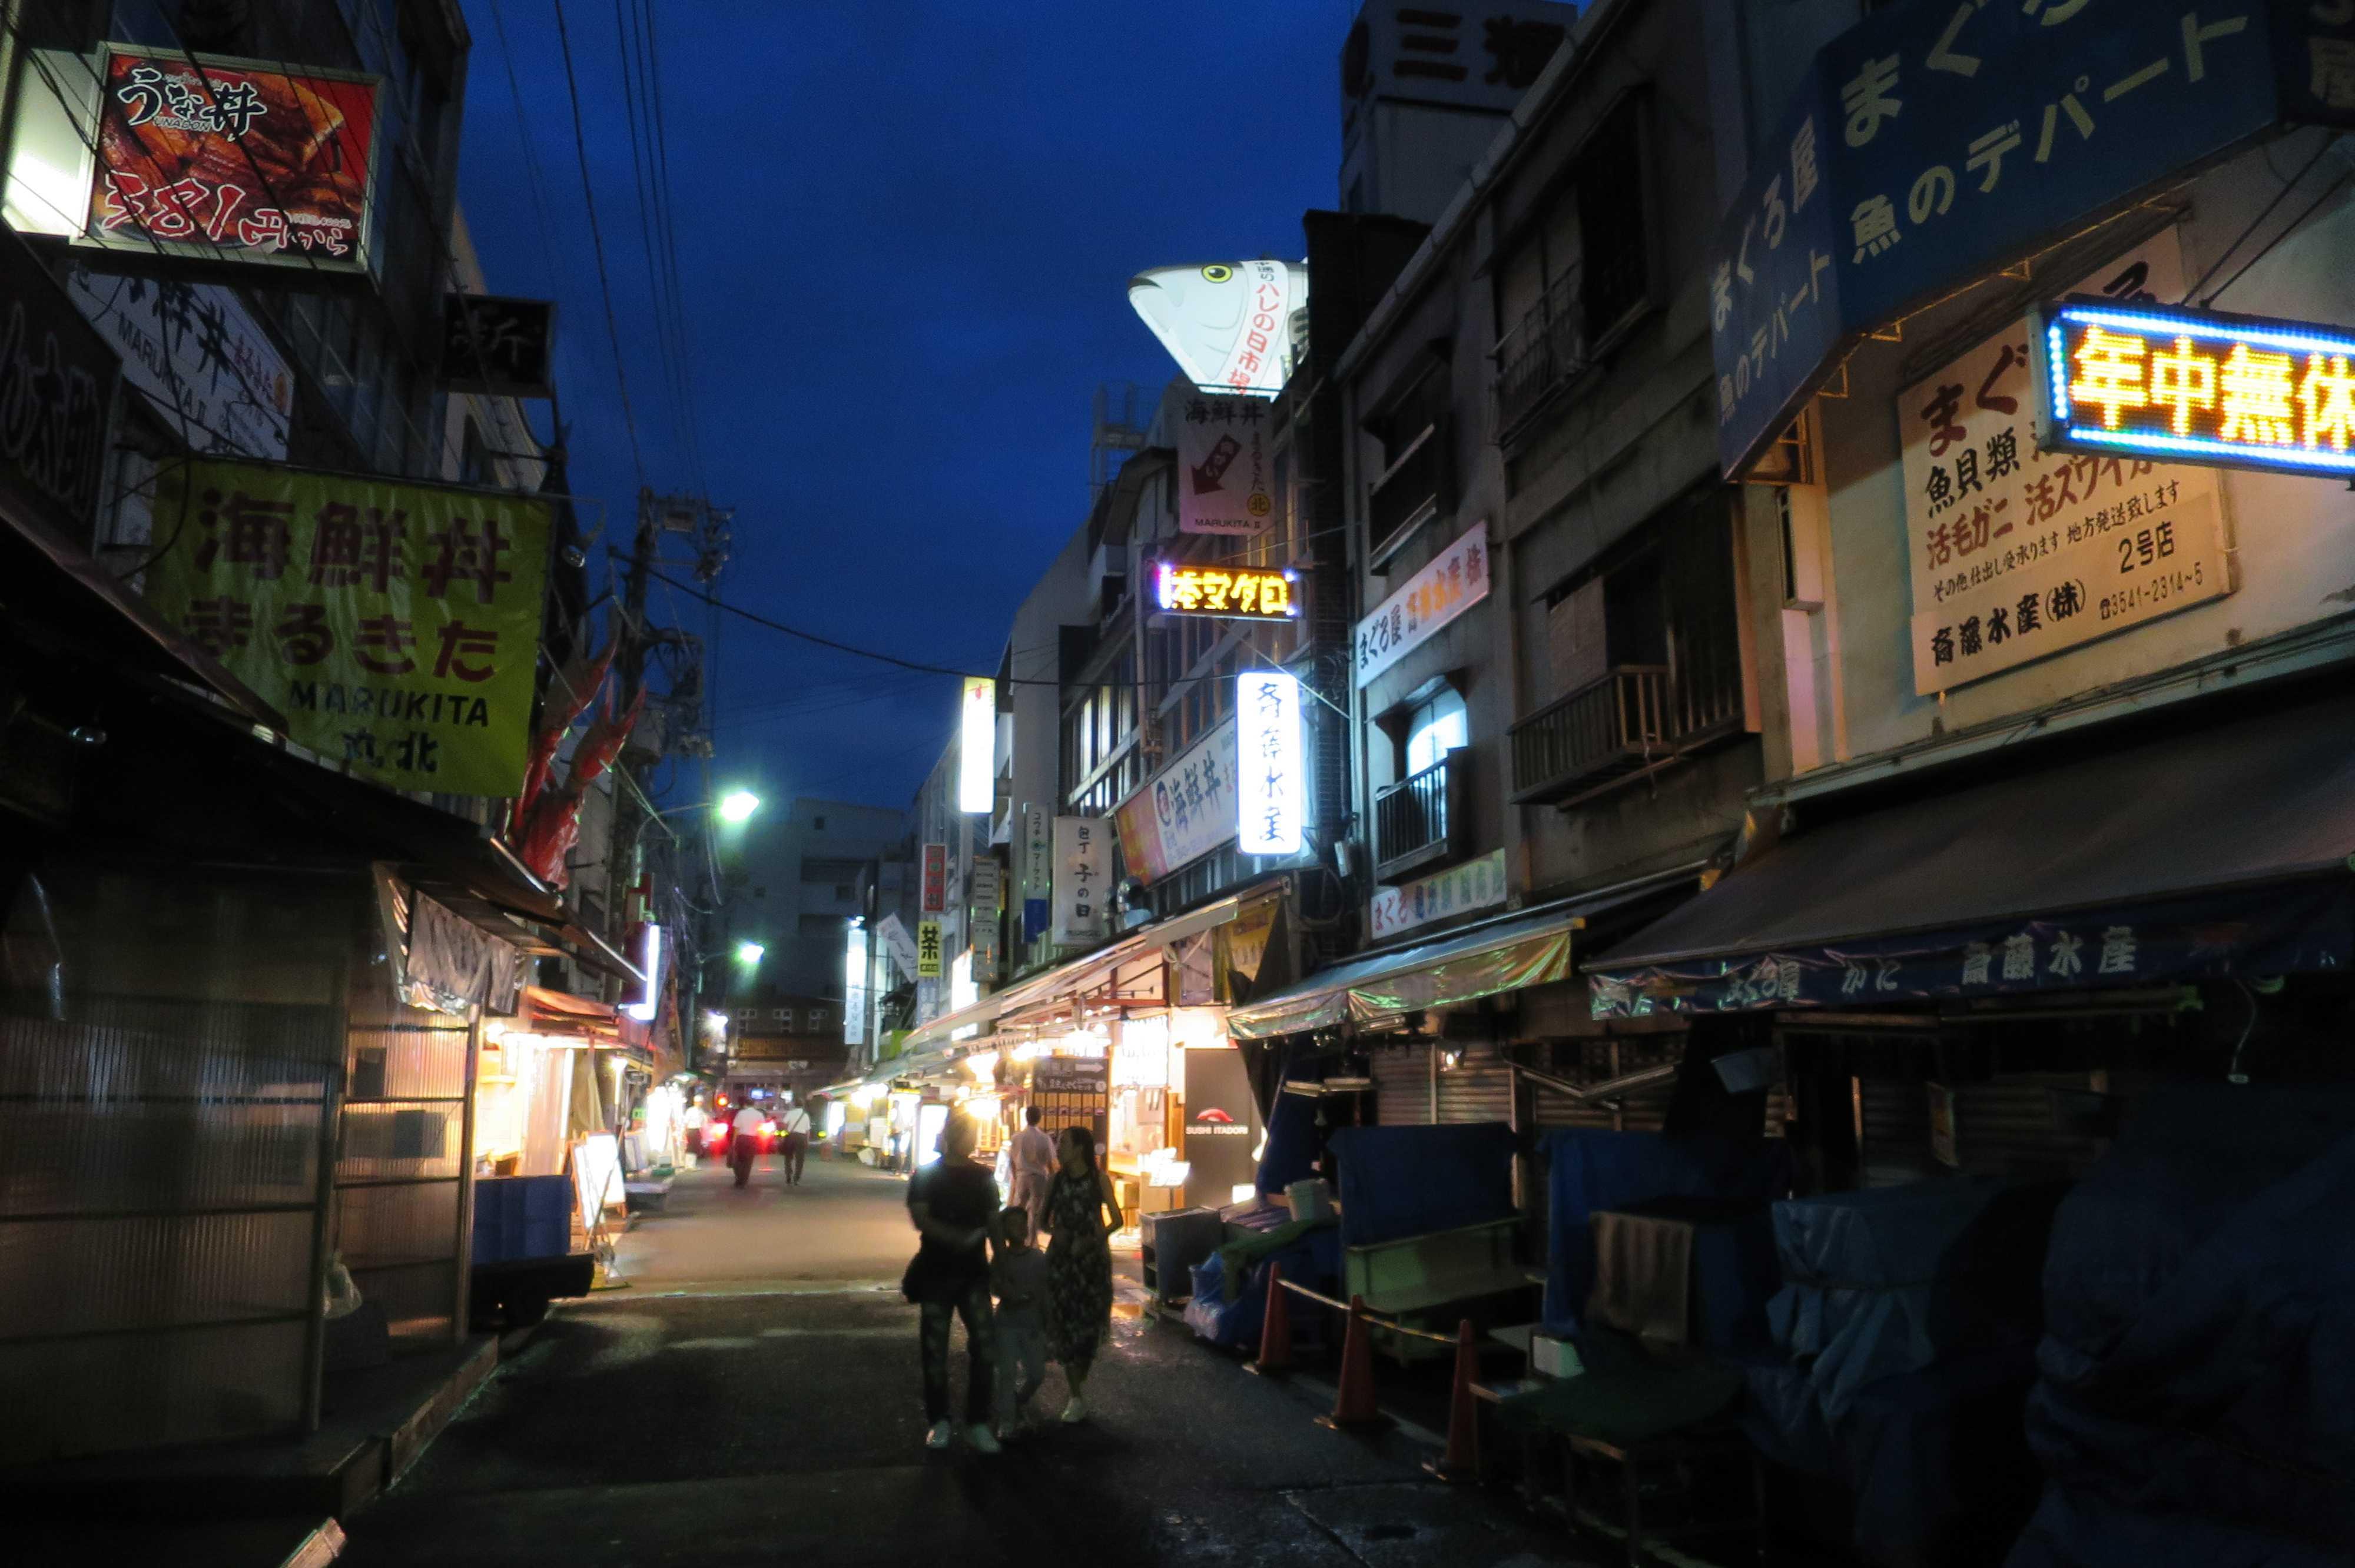 築地場外市場の通り